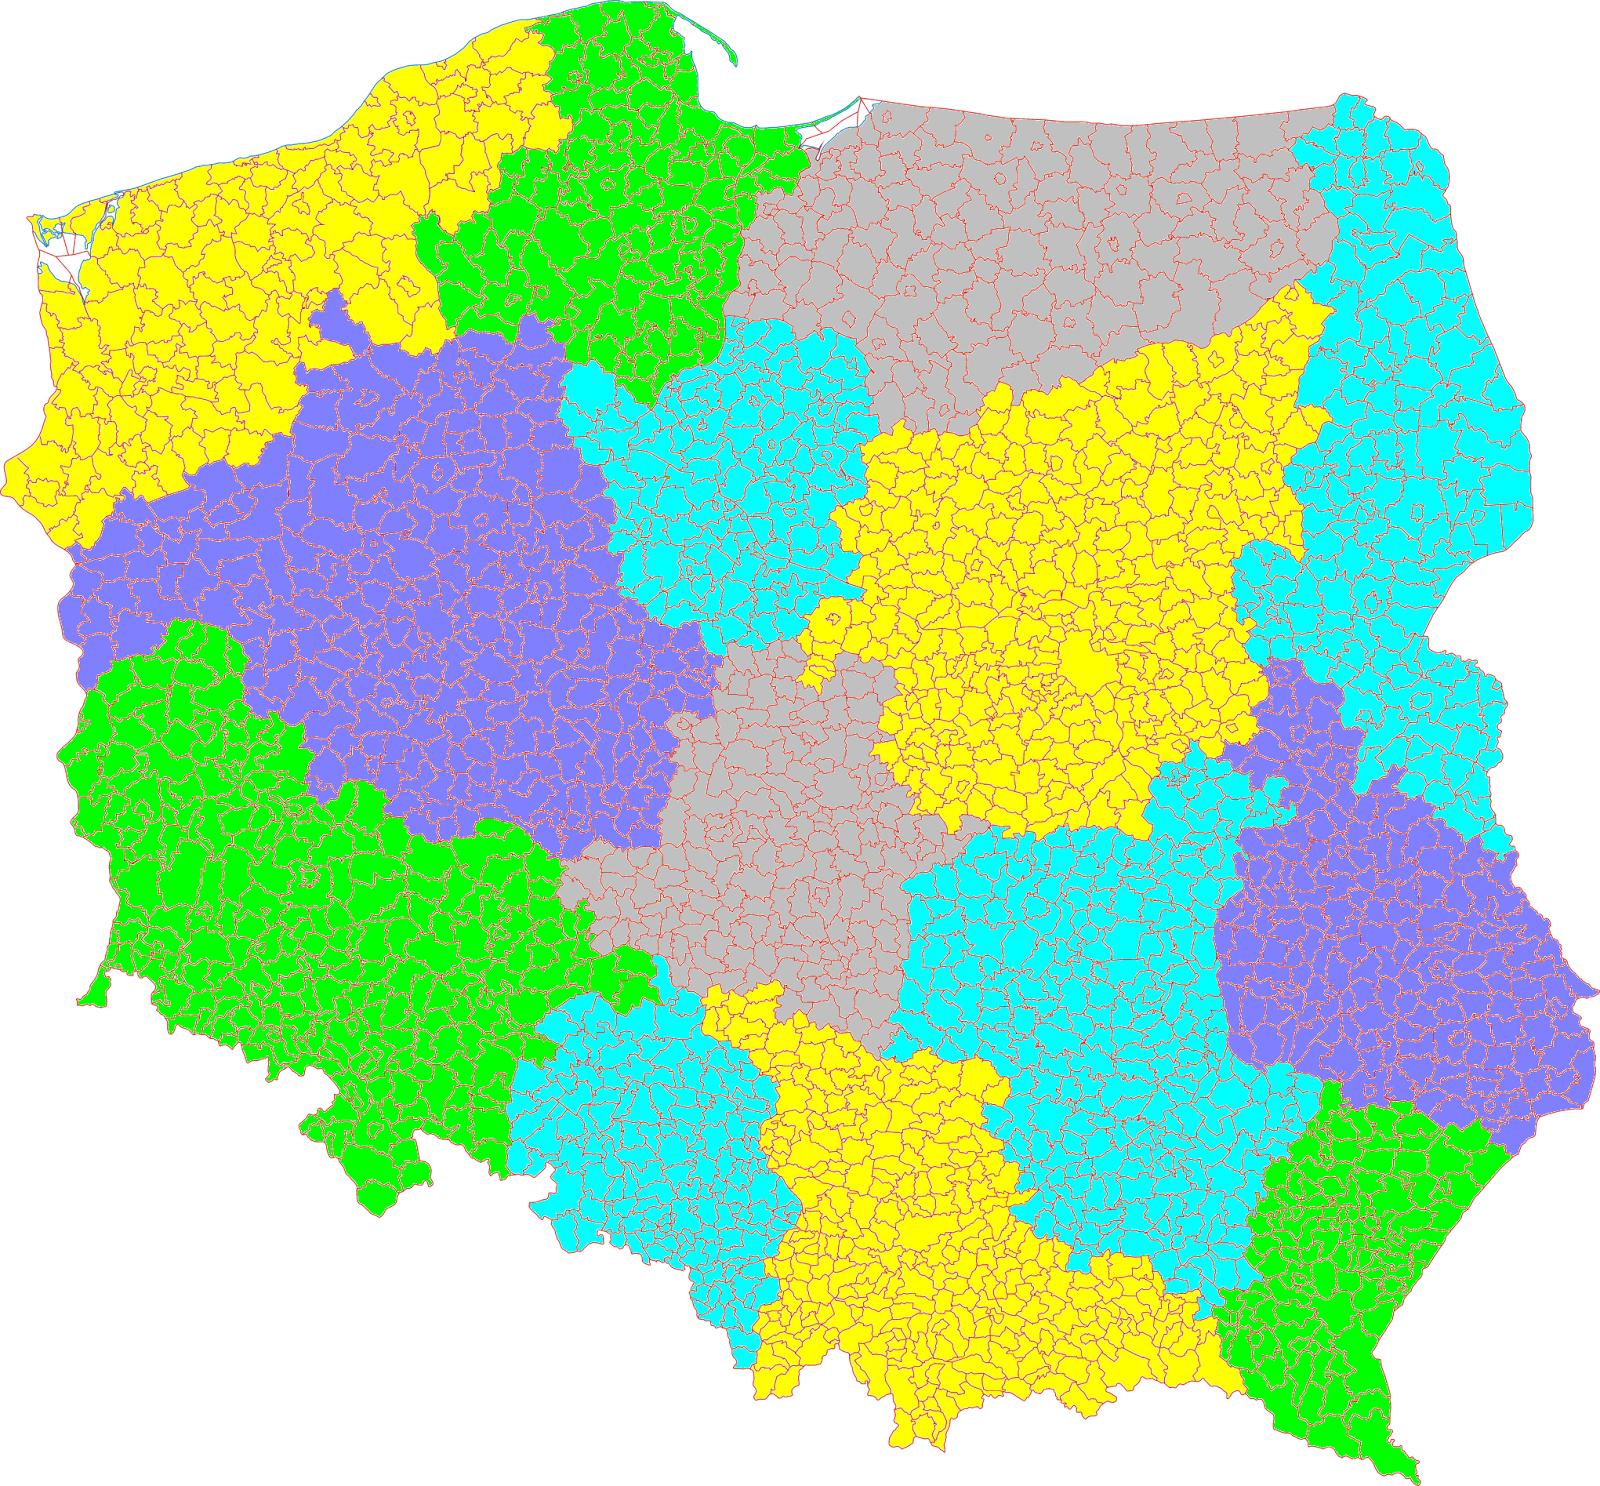 Podział administracyjny Polski - 14 województw